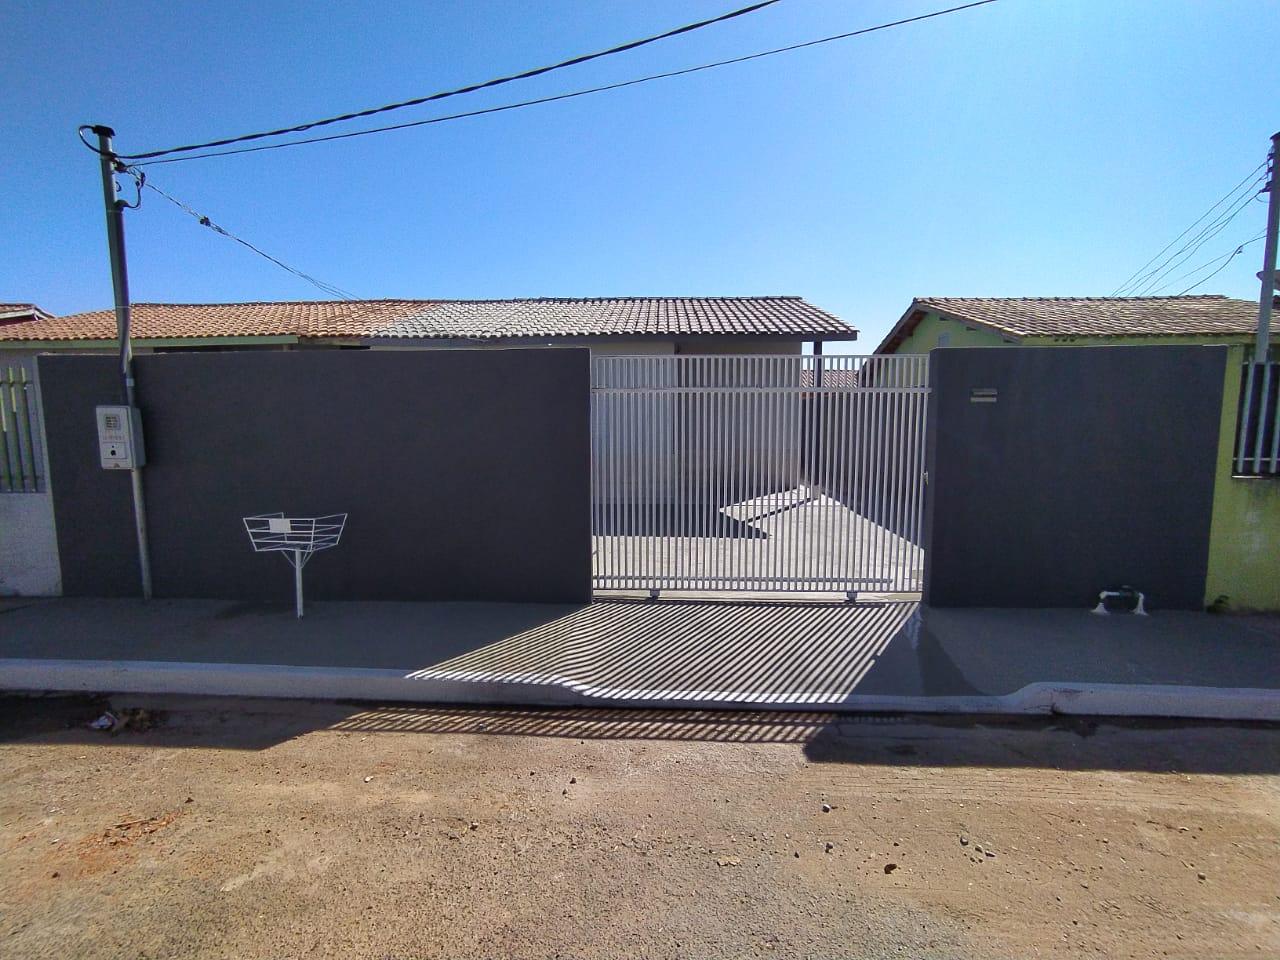 Casa à venda,  com 2 quartos sendo 1 suite no Parque Nova Esperança em Cuiabá MT 101 13151